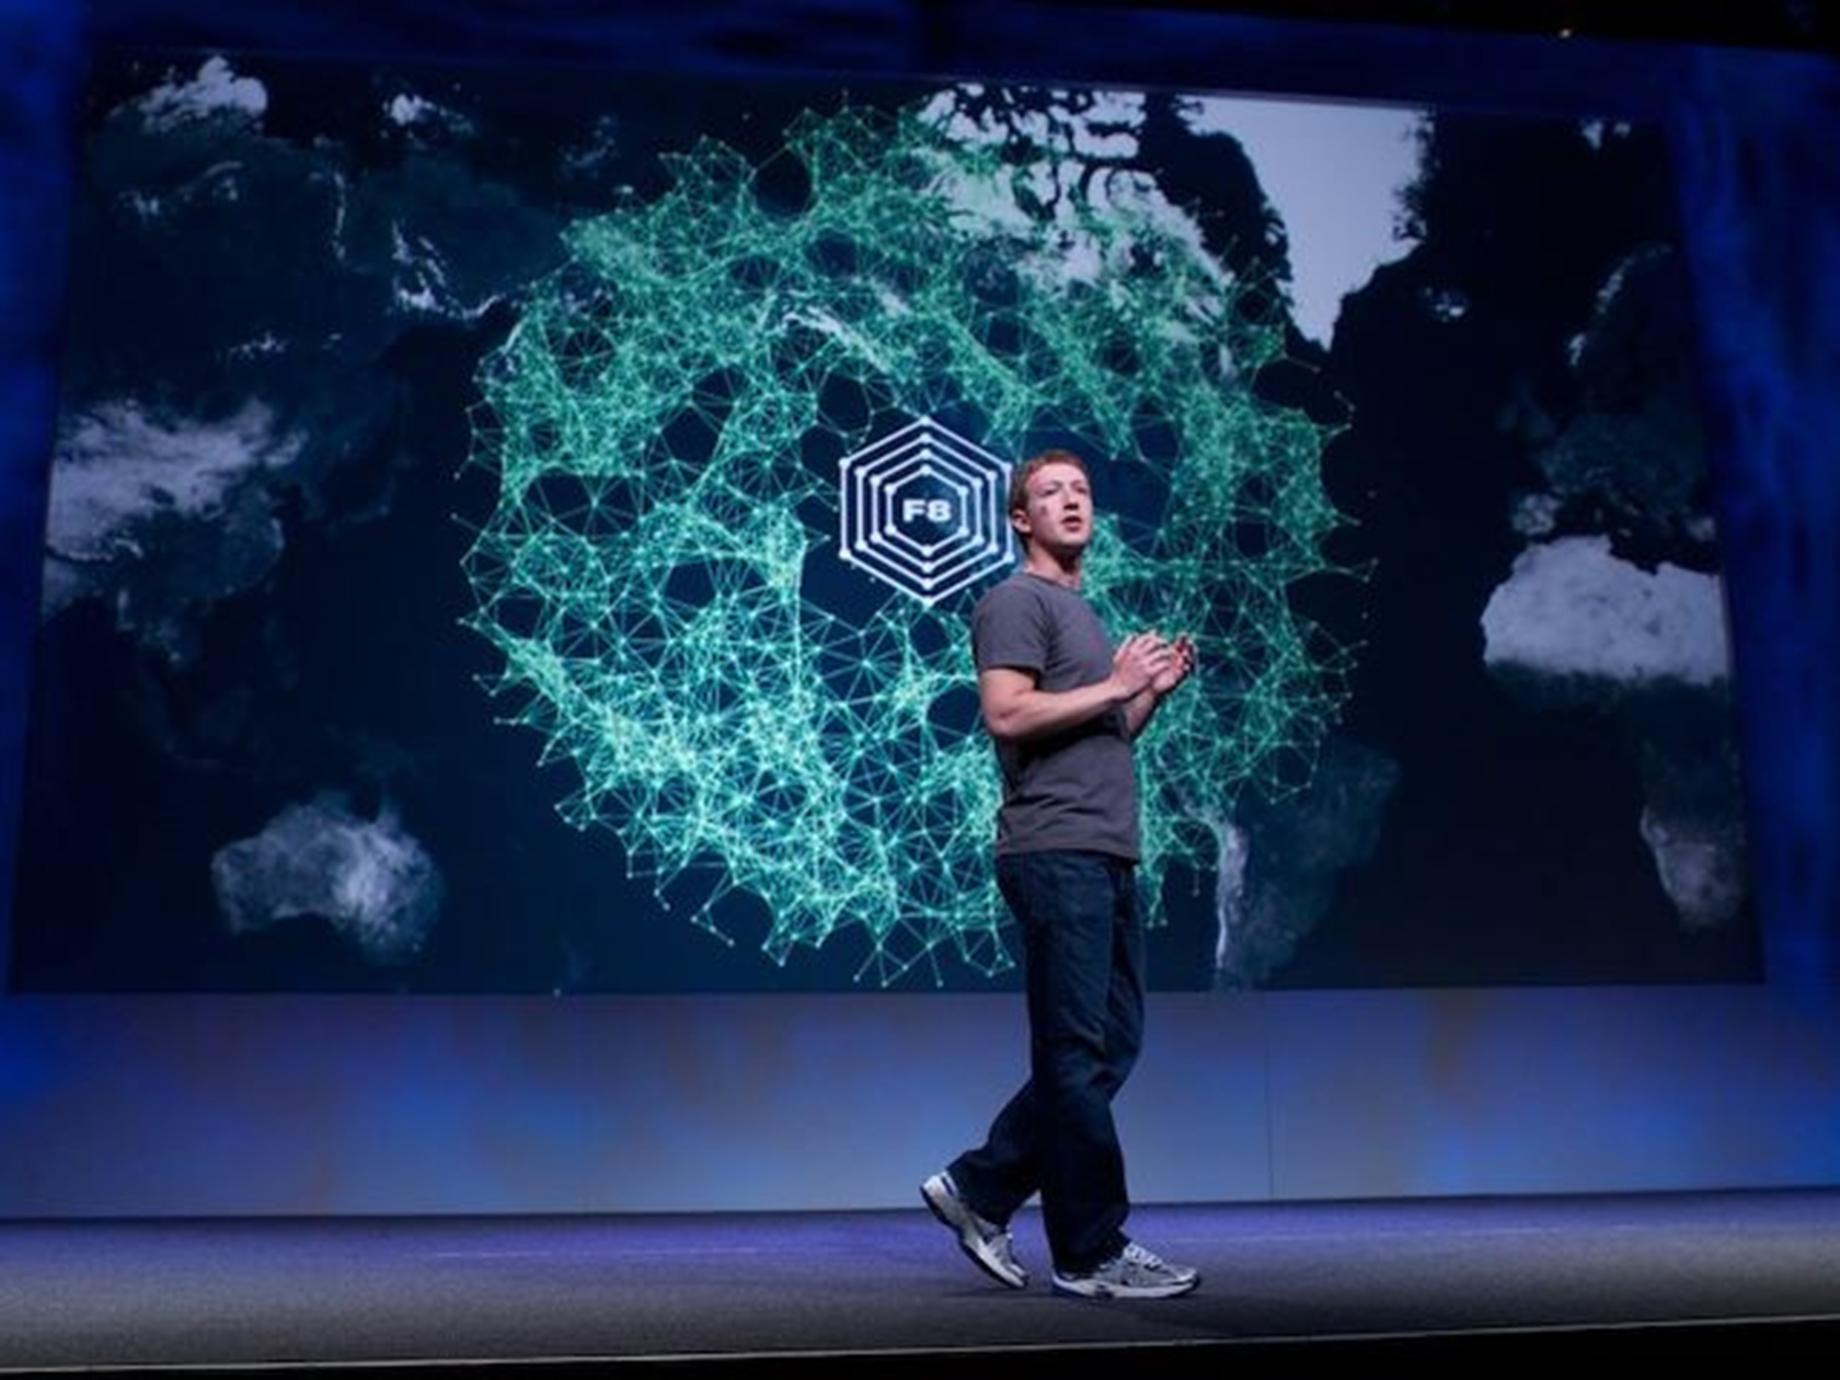 Facebook推出13年,為什麼沒有下一個大型網路新創?一個資深科技記者看到的「矽谷斷層」